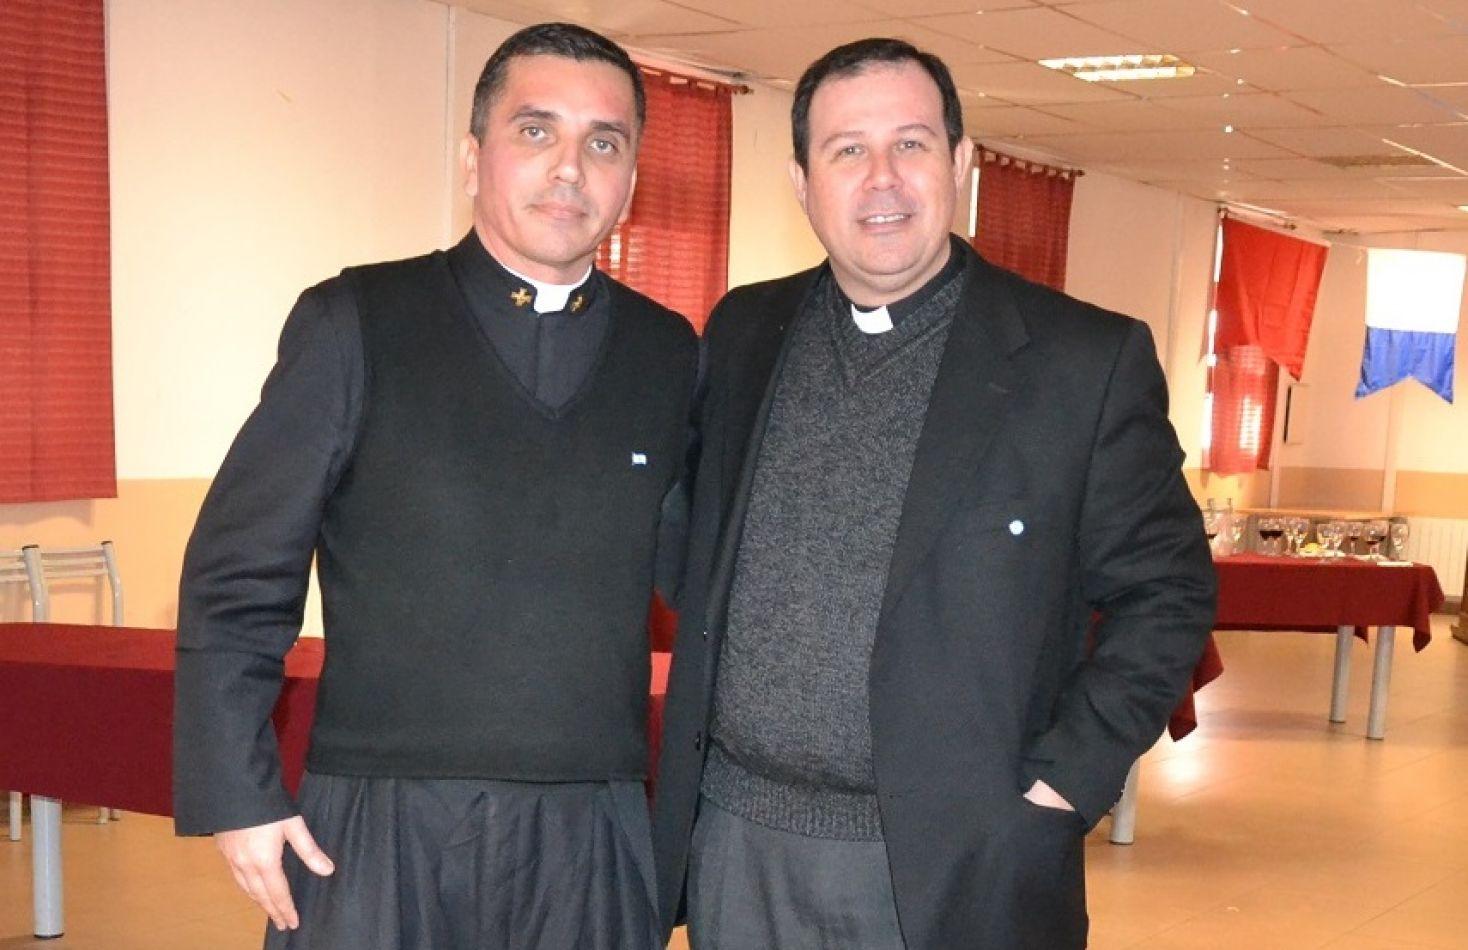 El Presbítero Pablo Caballero Karanik junto a su par Walter Portells.